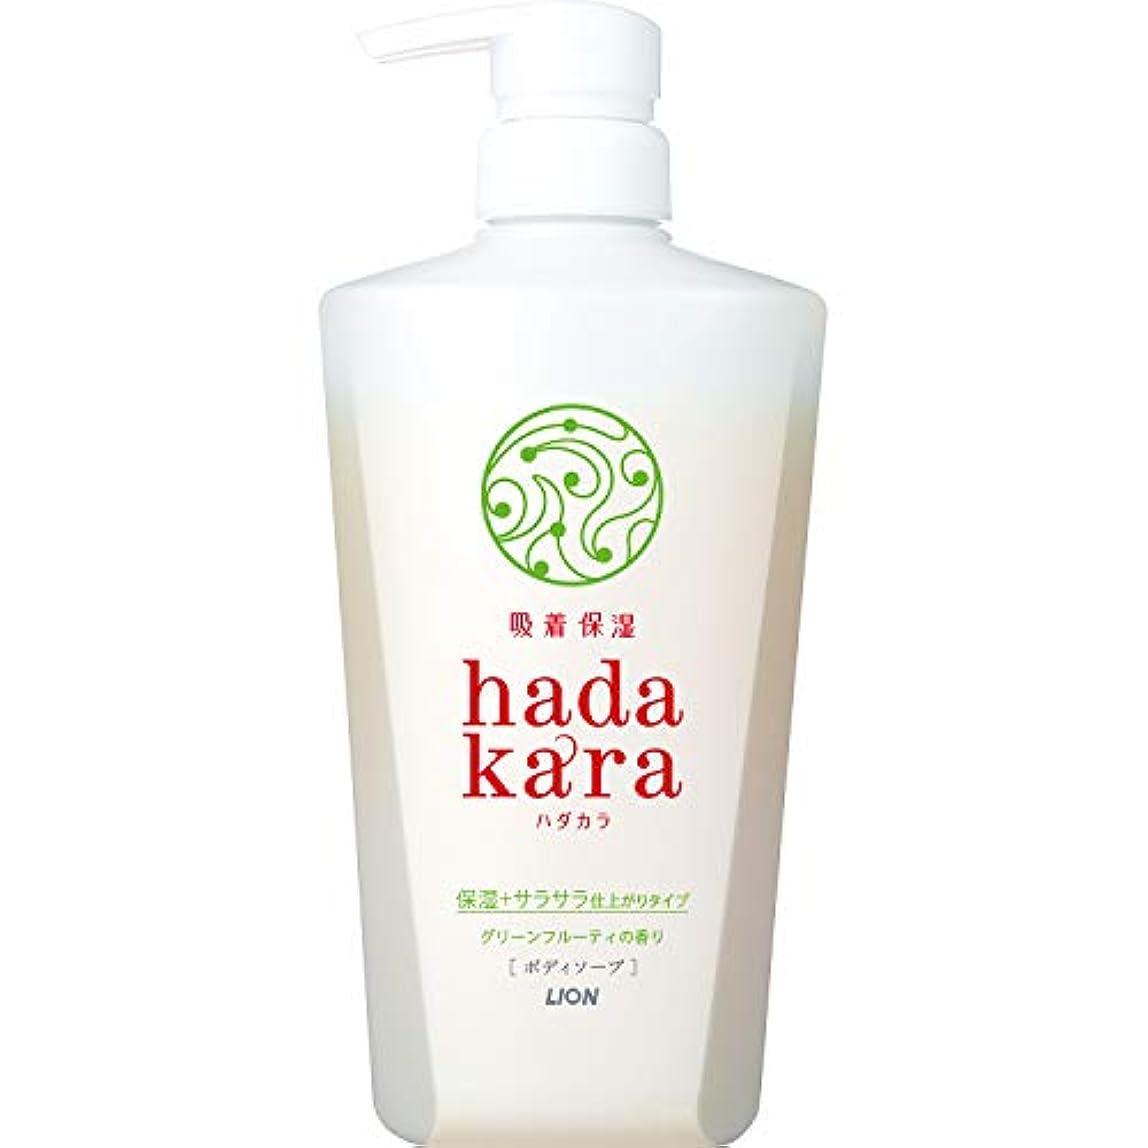 中でわずらわしい同行するhadakara(ハダカラ) ボディソープ 保湿+サラサラ仕上がりタイプ グリーンフルーティの香り 本体 480ml